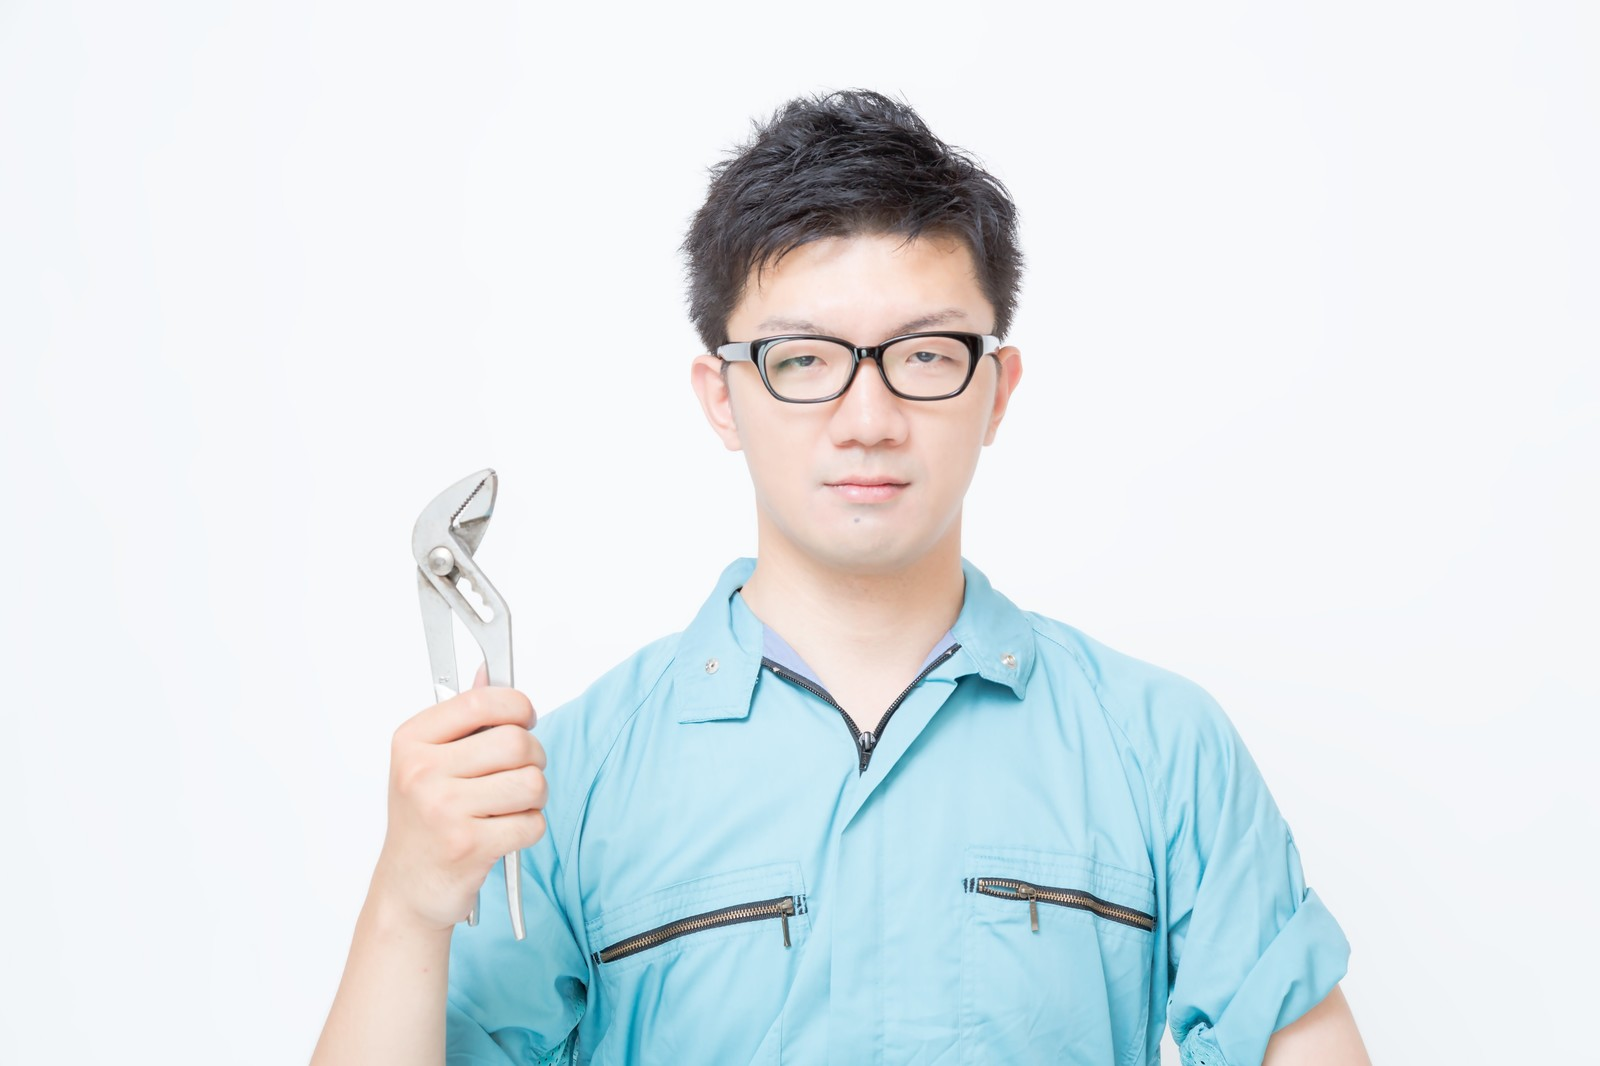 「プライヤーを片手に持った作業着姿の男性」の写真[モデル:OZPA]